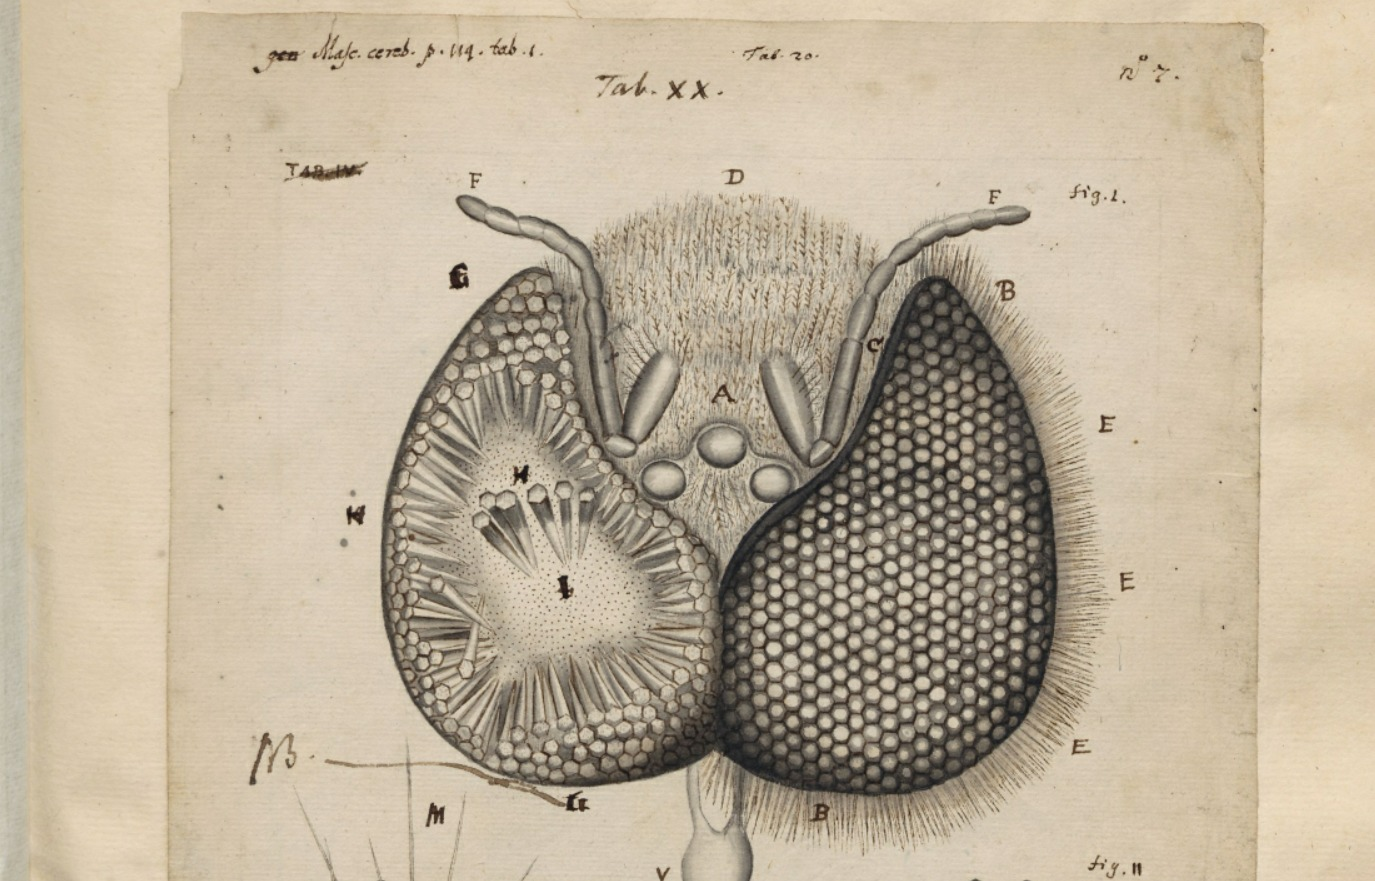 Illustratie van een wespenkop, zoals gezien door een microscoop in de zeventiende eeuw.